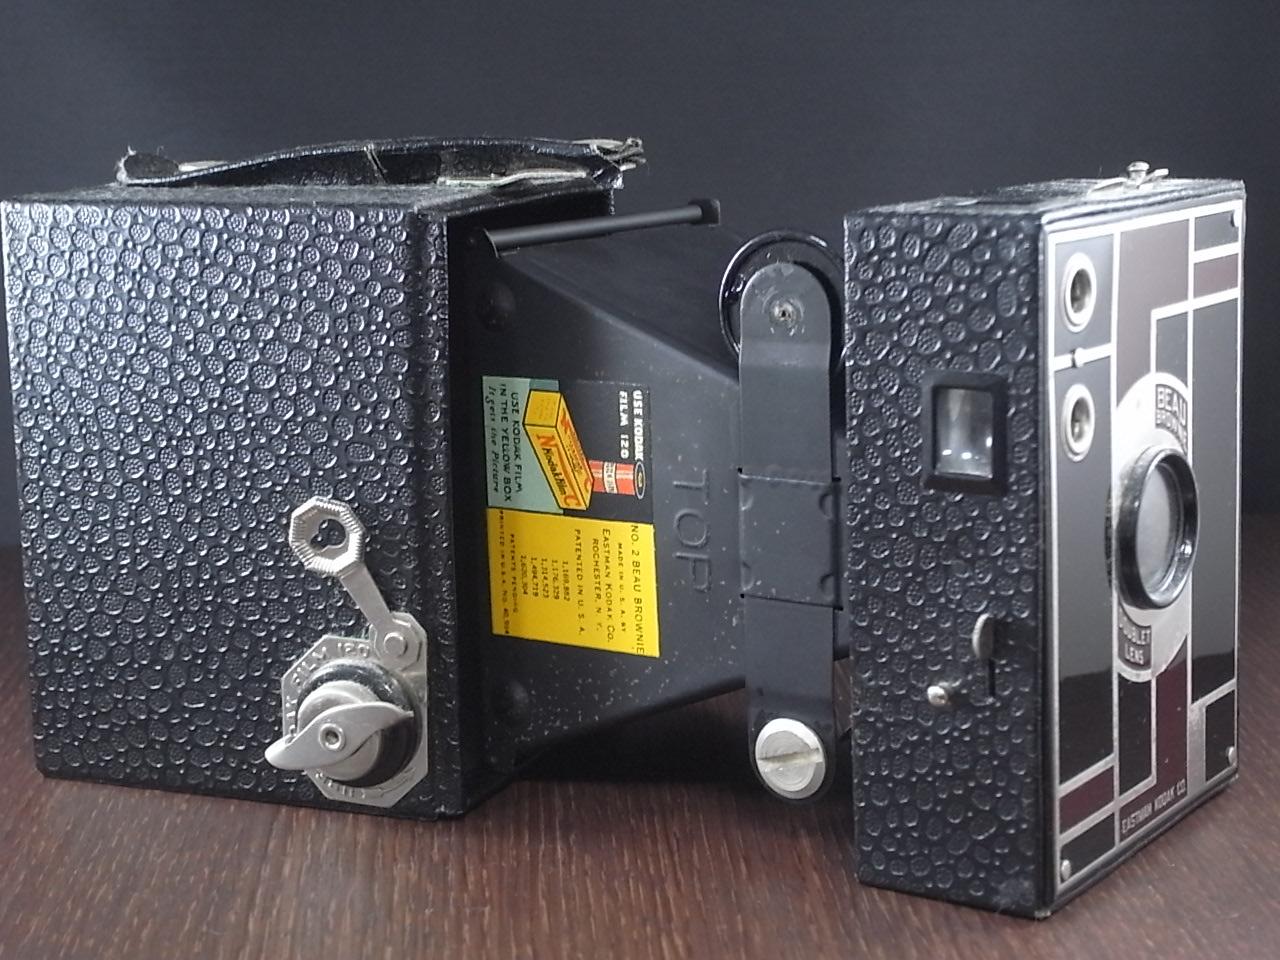 コダック No.2 ブローニー アールデコカメラ ブラックの写真4枚目